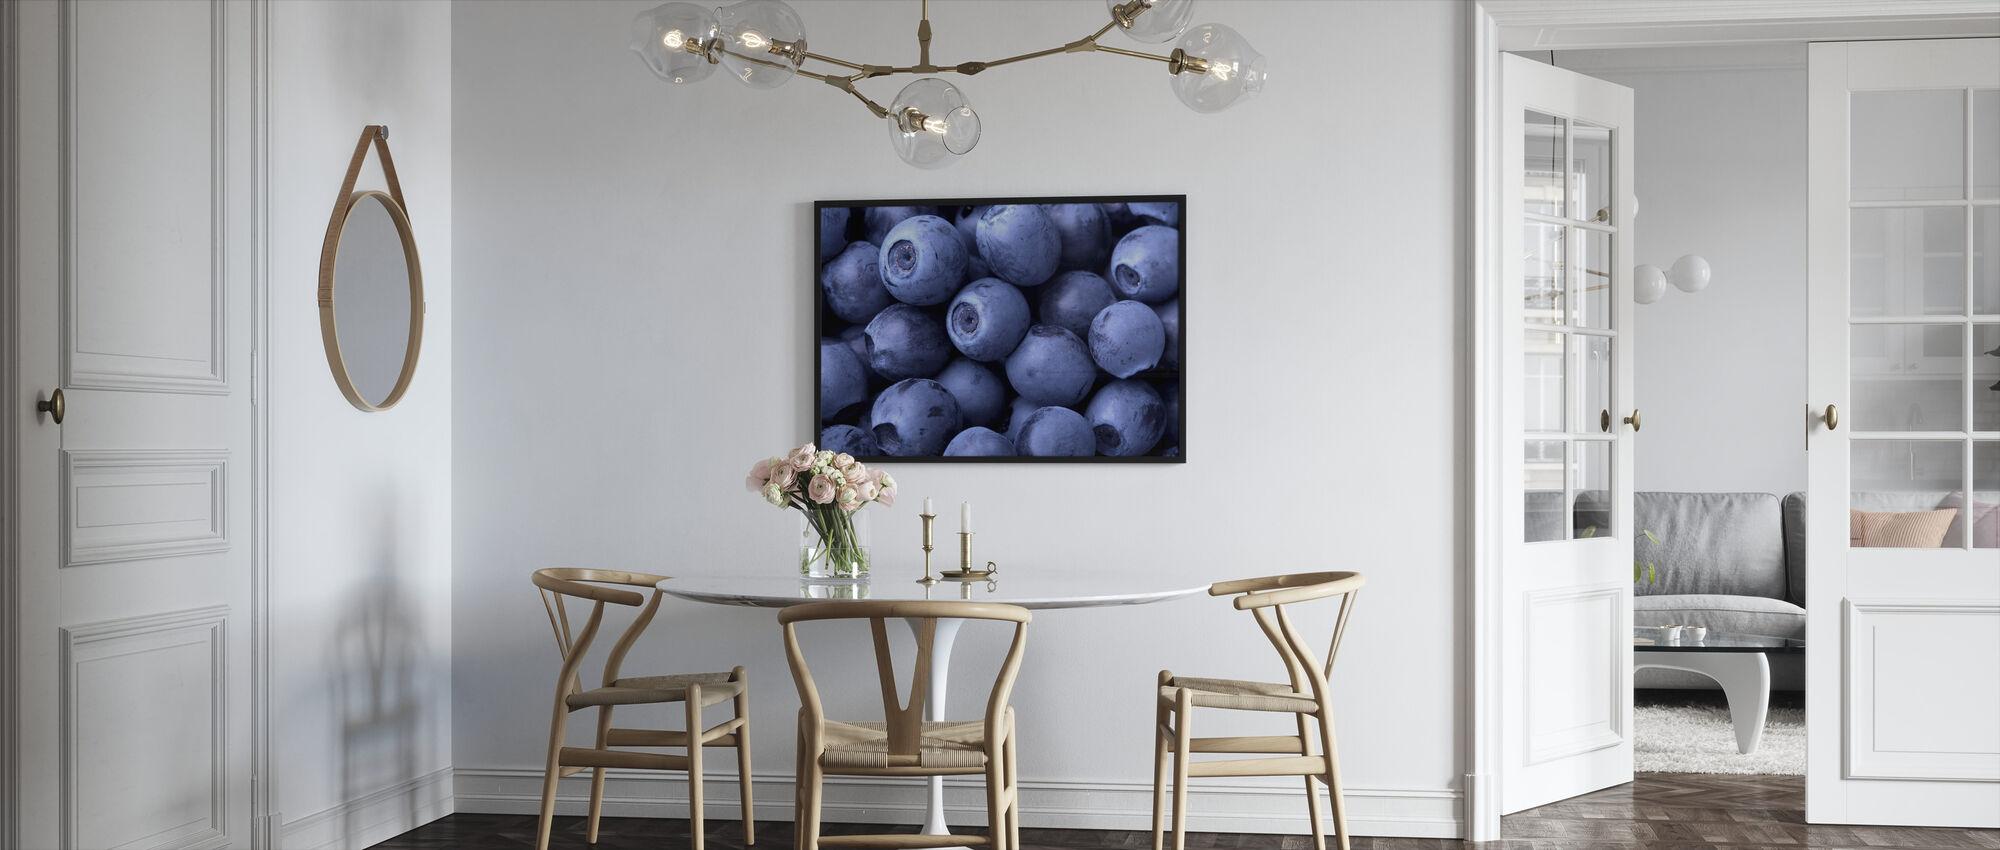 Blueberries - Framed print - Kitchen